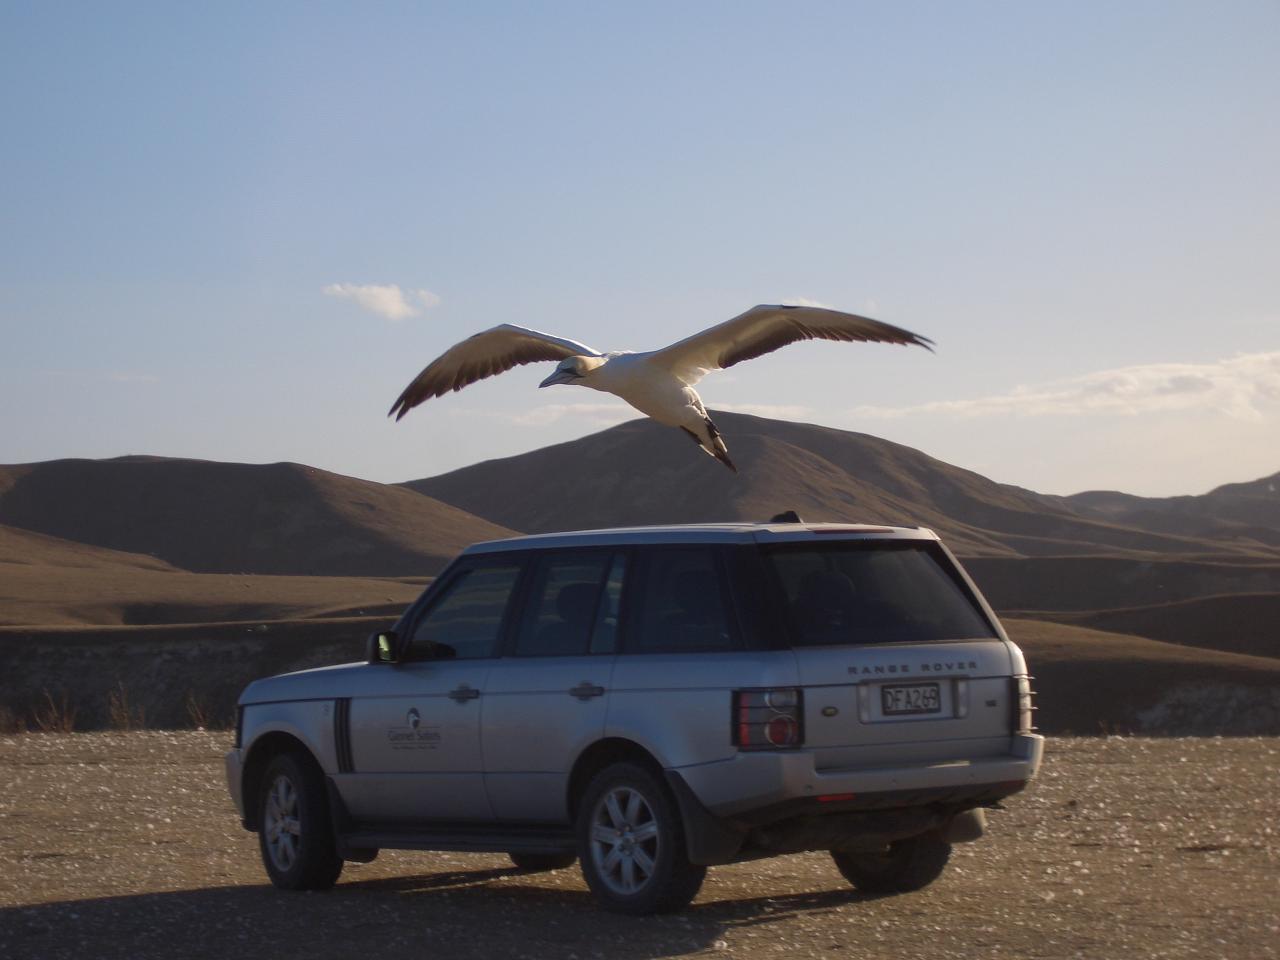 Private Tour - Range Rover